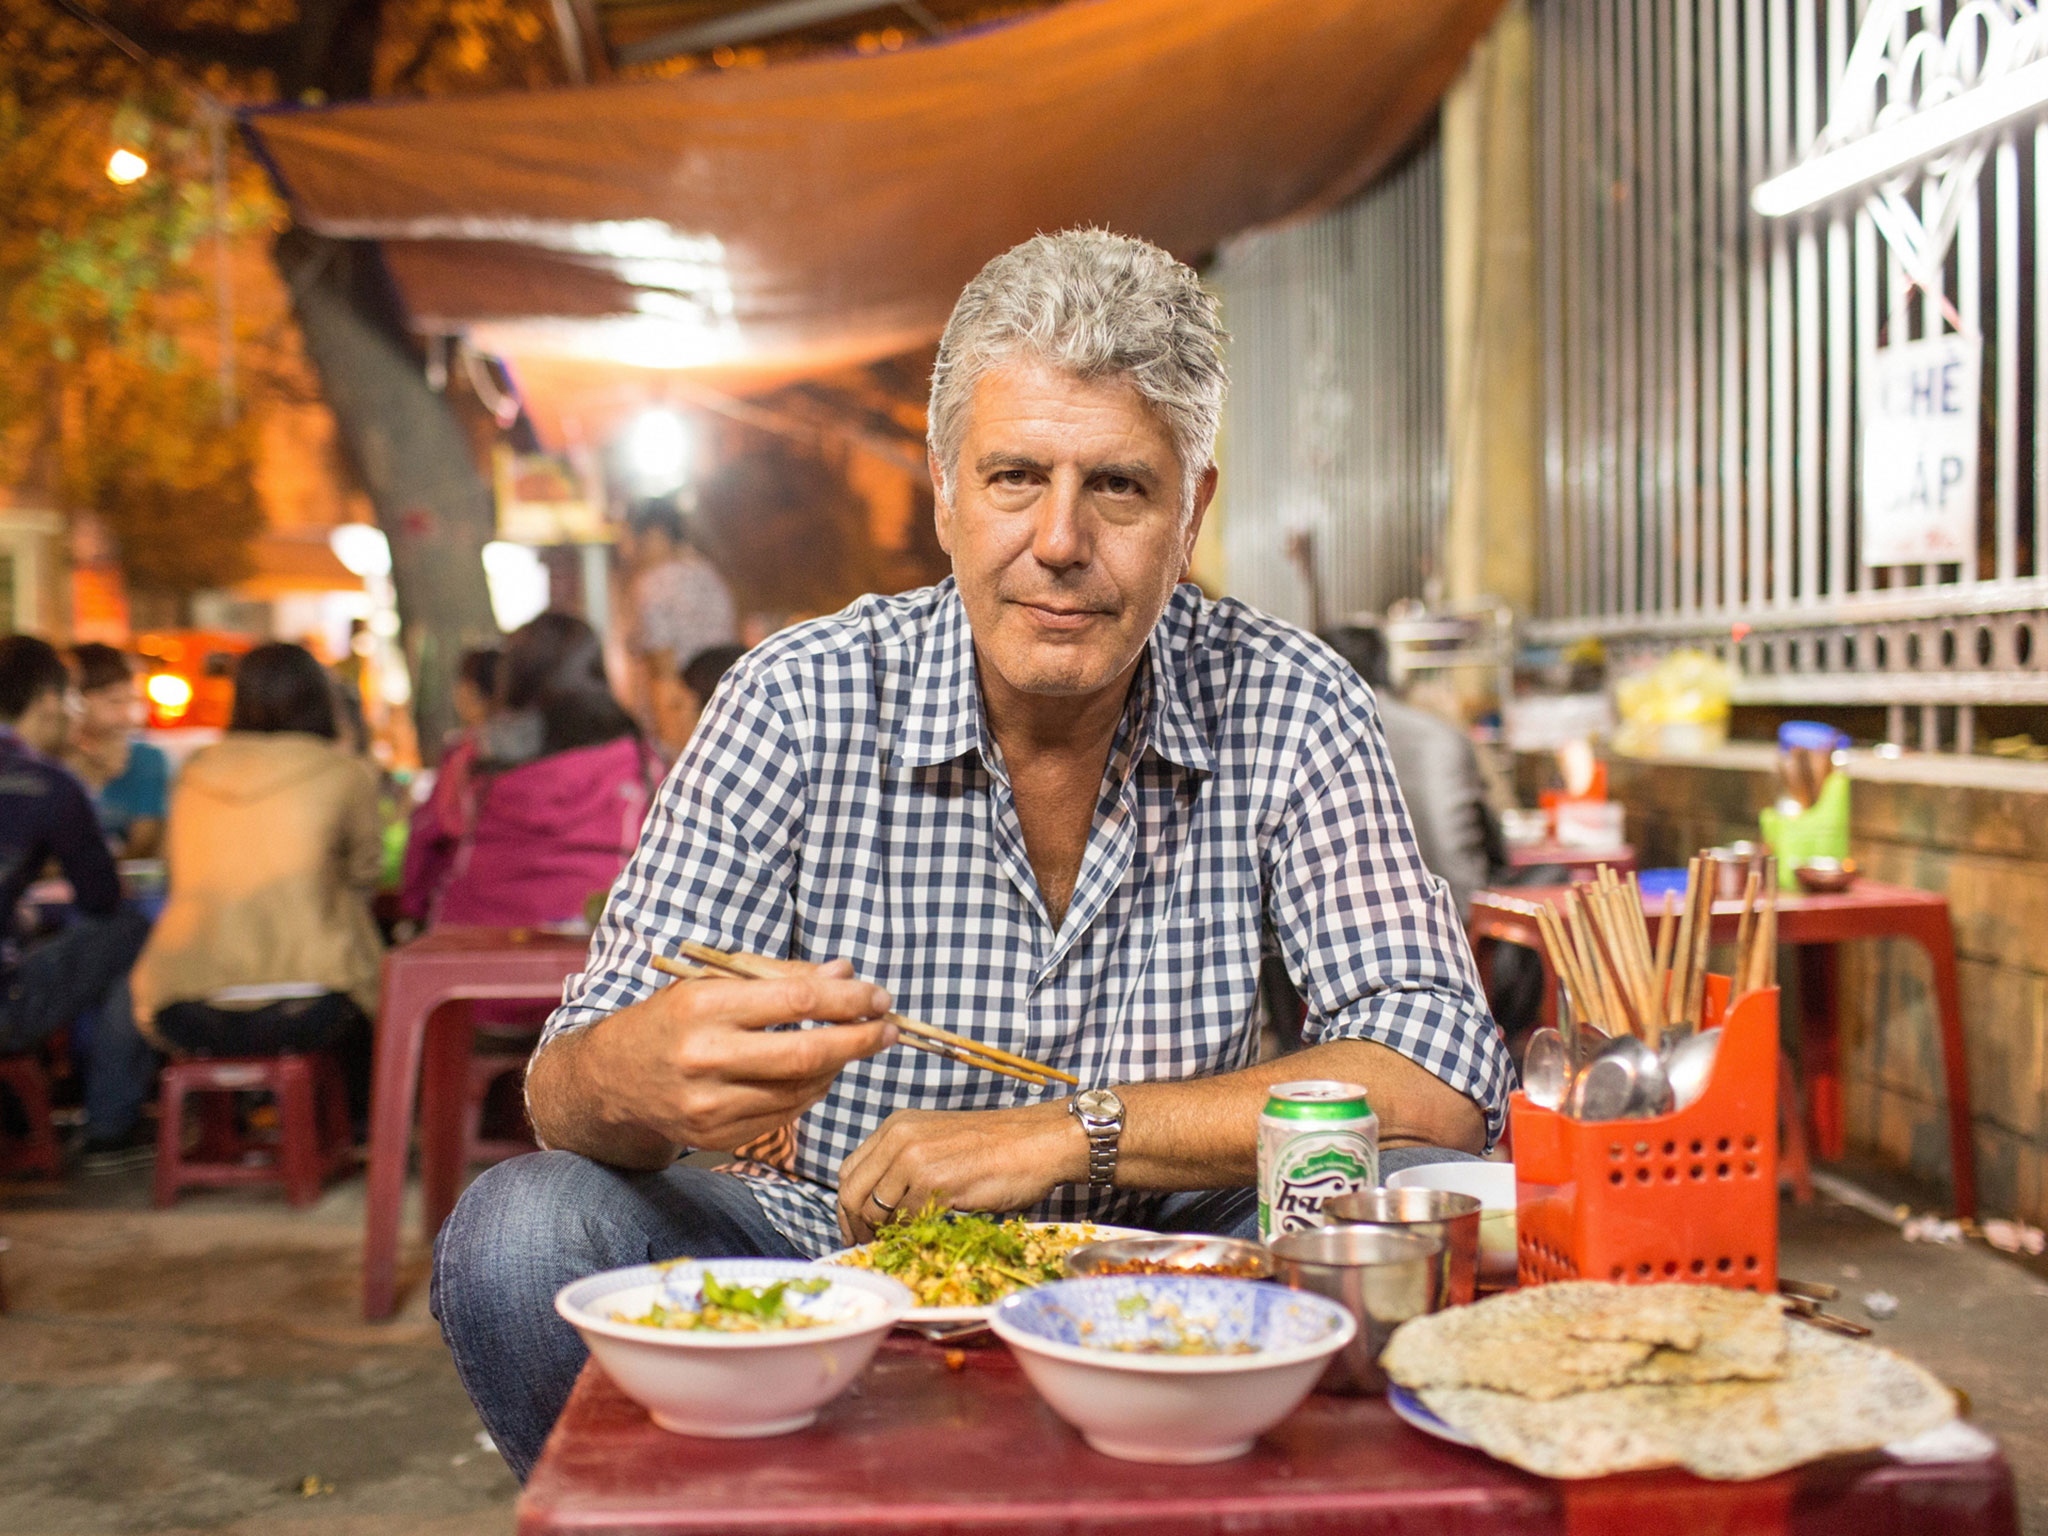 Anthony Bourdain Photo: cntraveler.com